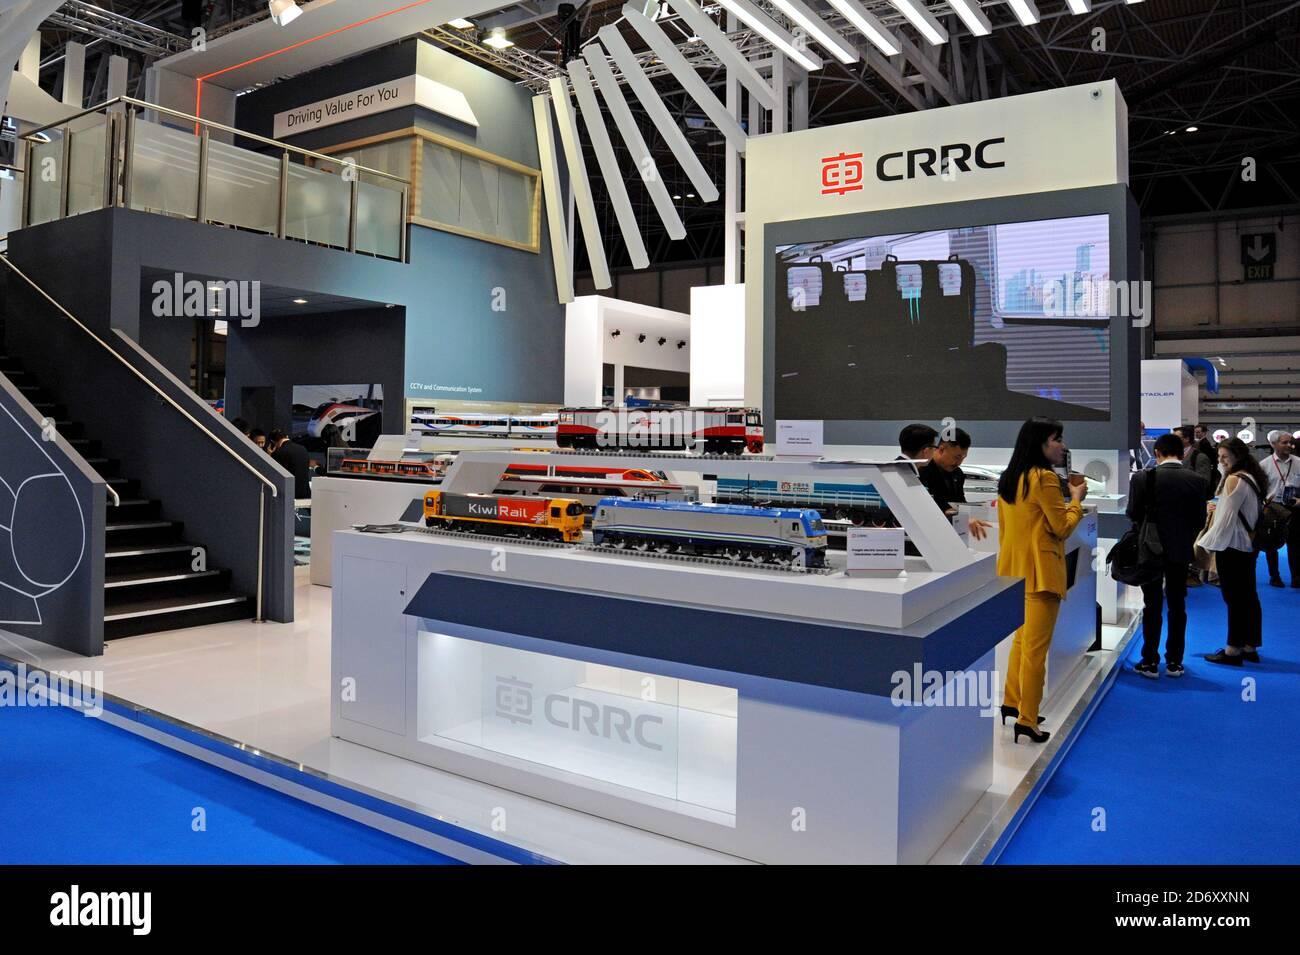 Le CCRR China Railway stand à l'exposition de l'industrie ferroviaire RailTex, NEC, Birmingham Avril 2019 Banque D'Images